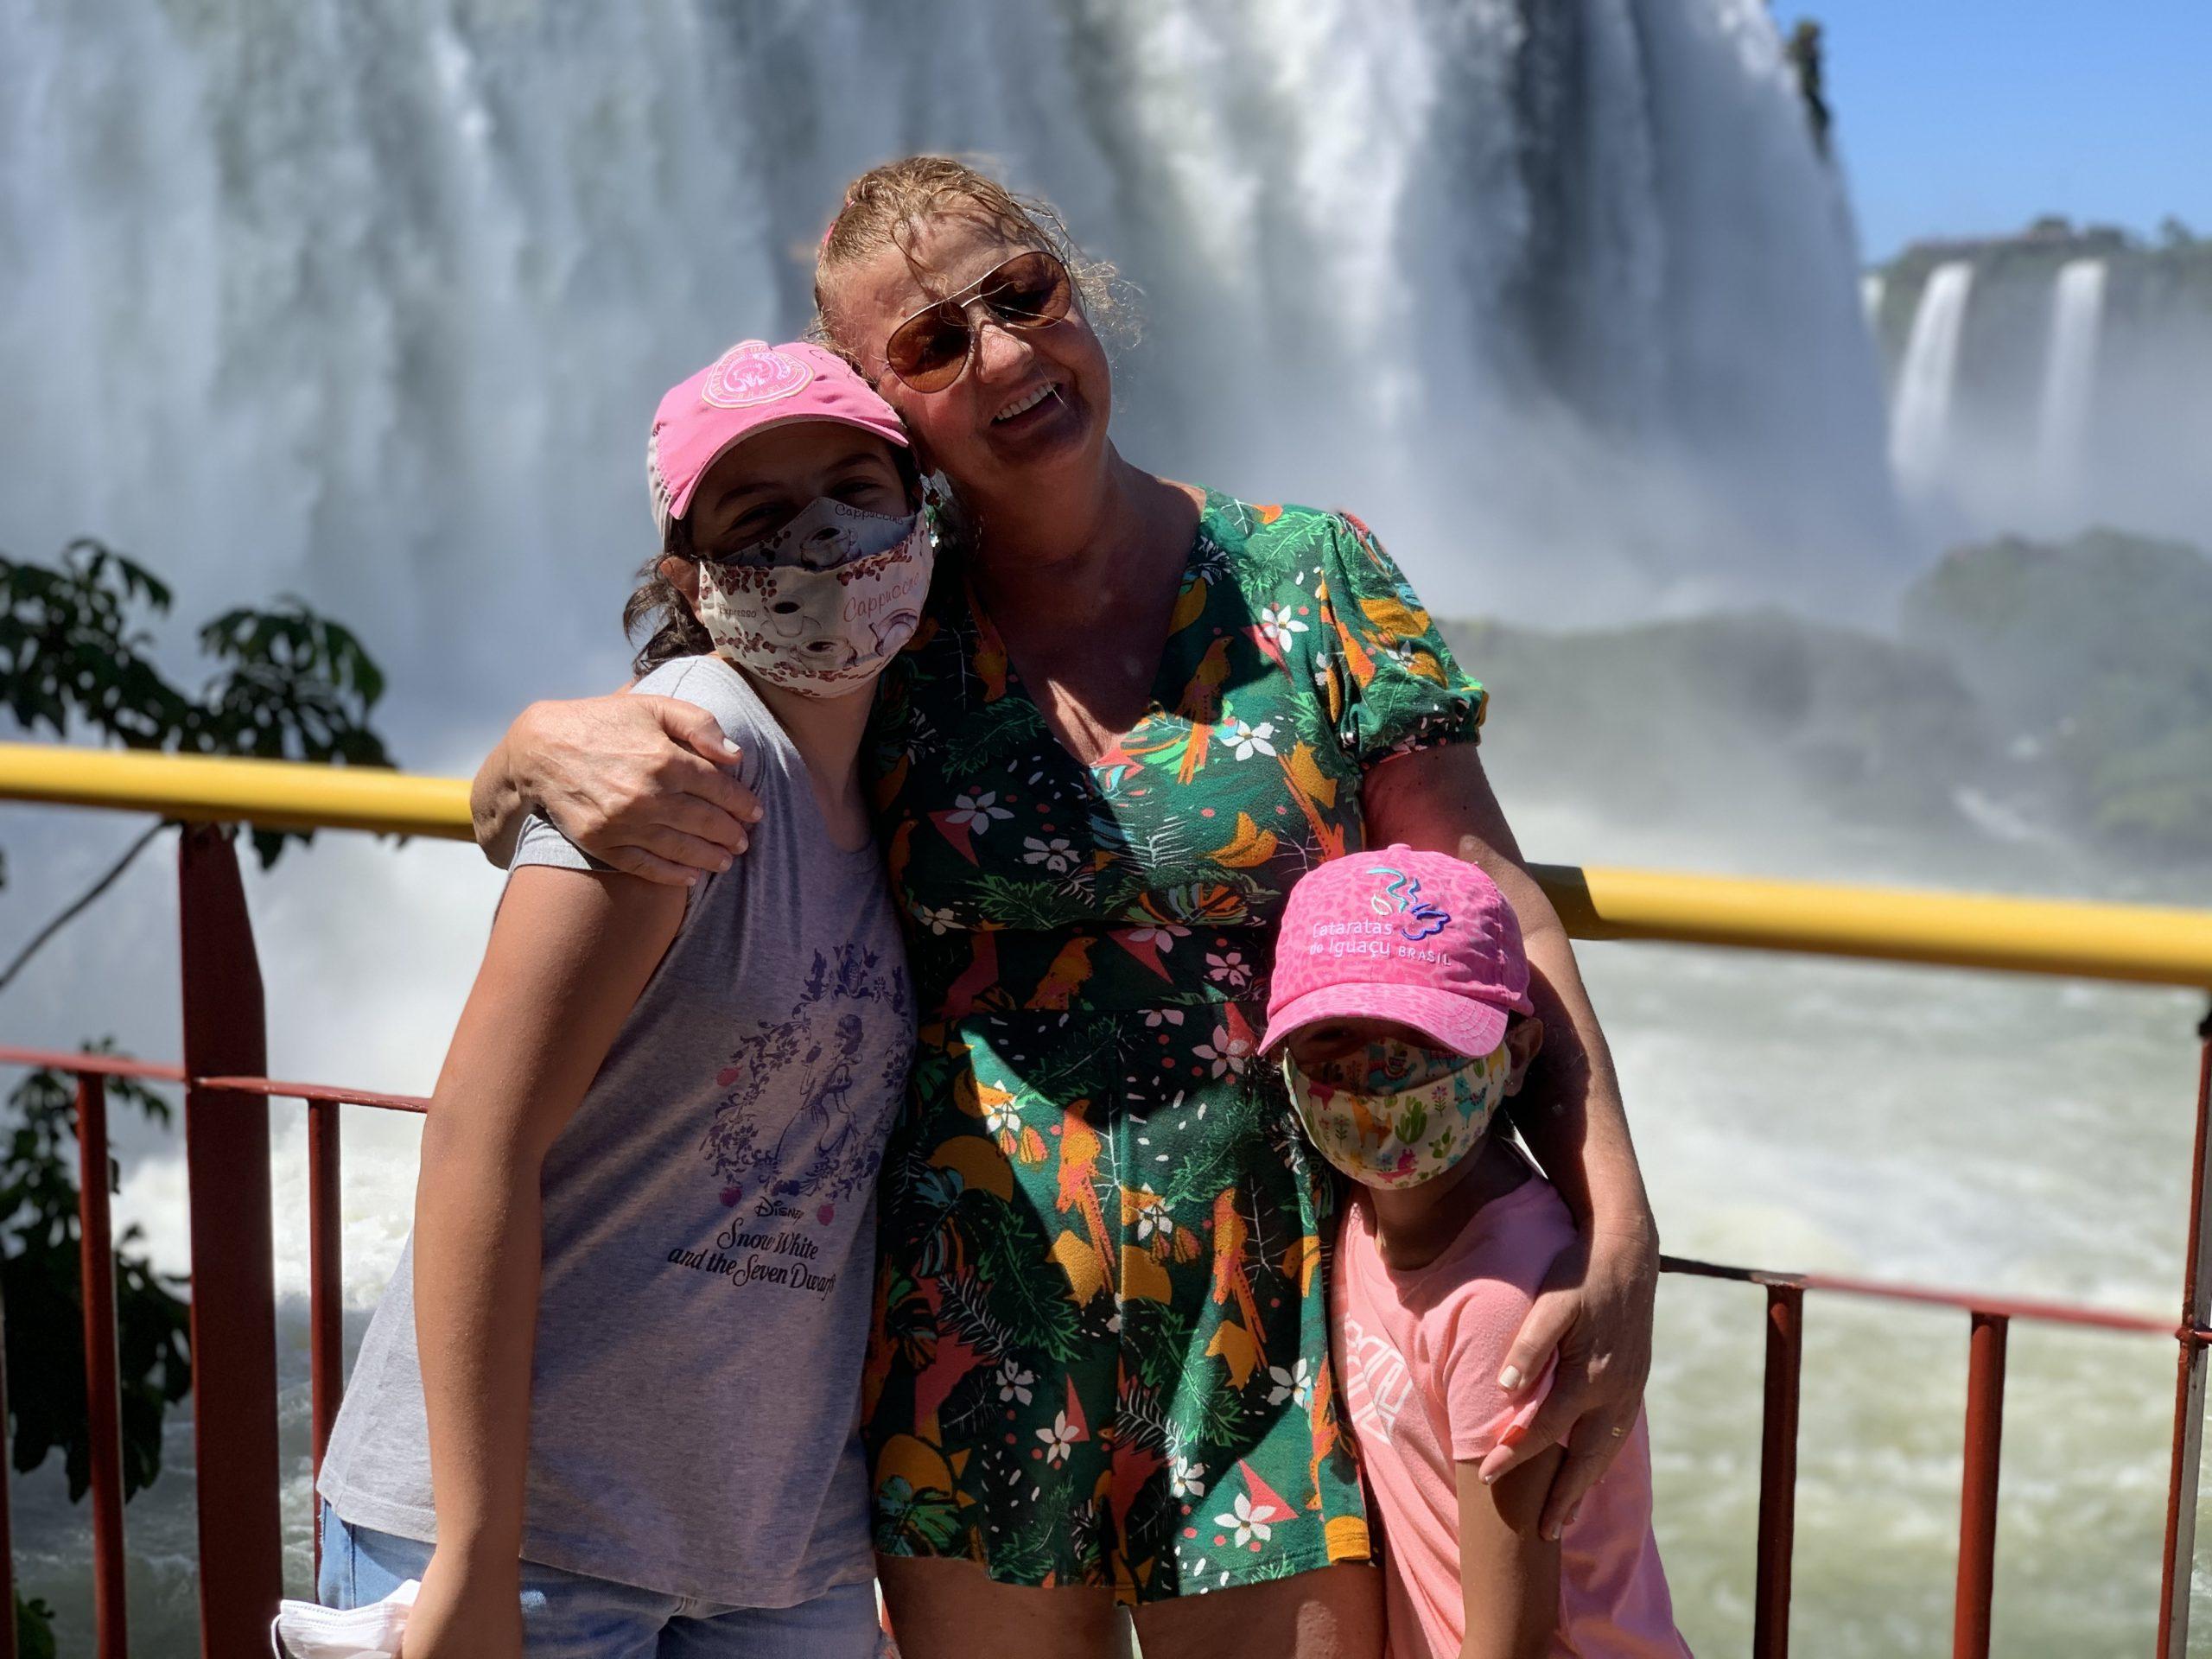 Nesse mês de fevereiro/21, nos visitamos Foz do Iguaçu com as crianças (Ana Júlia, aos 6 e Manuela, aos 12). Fizemos vários passeios legais. Abaixo eu conto resumidamente como foi visitar as Cataratas do Iguaçu com crianças.